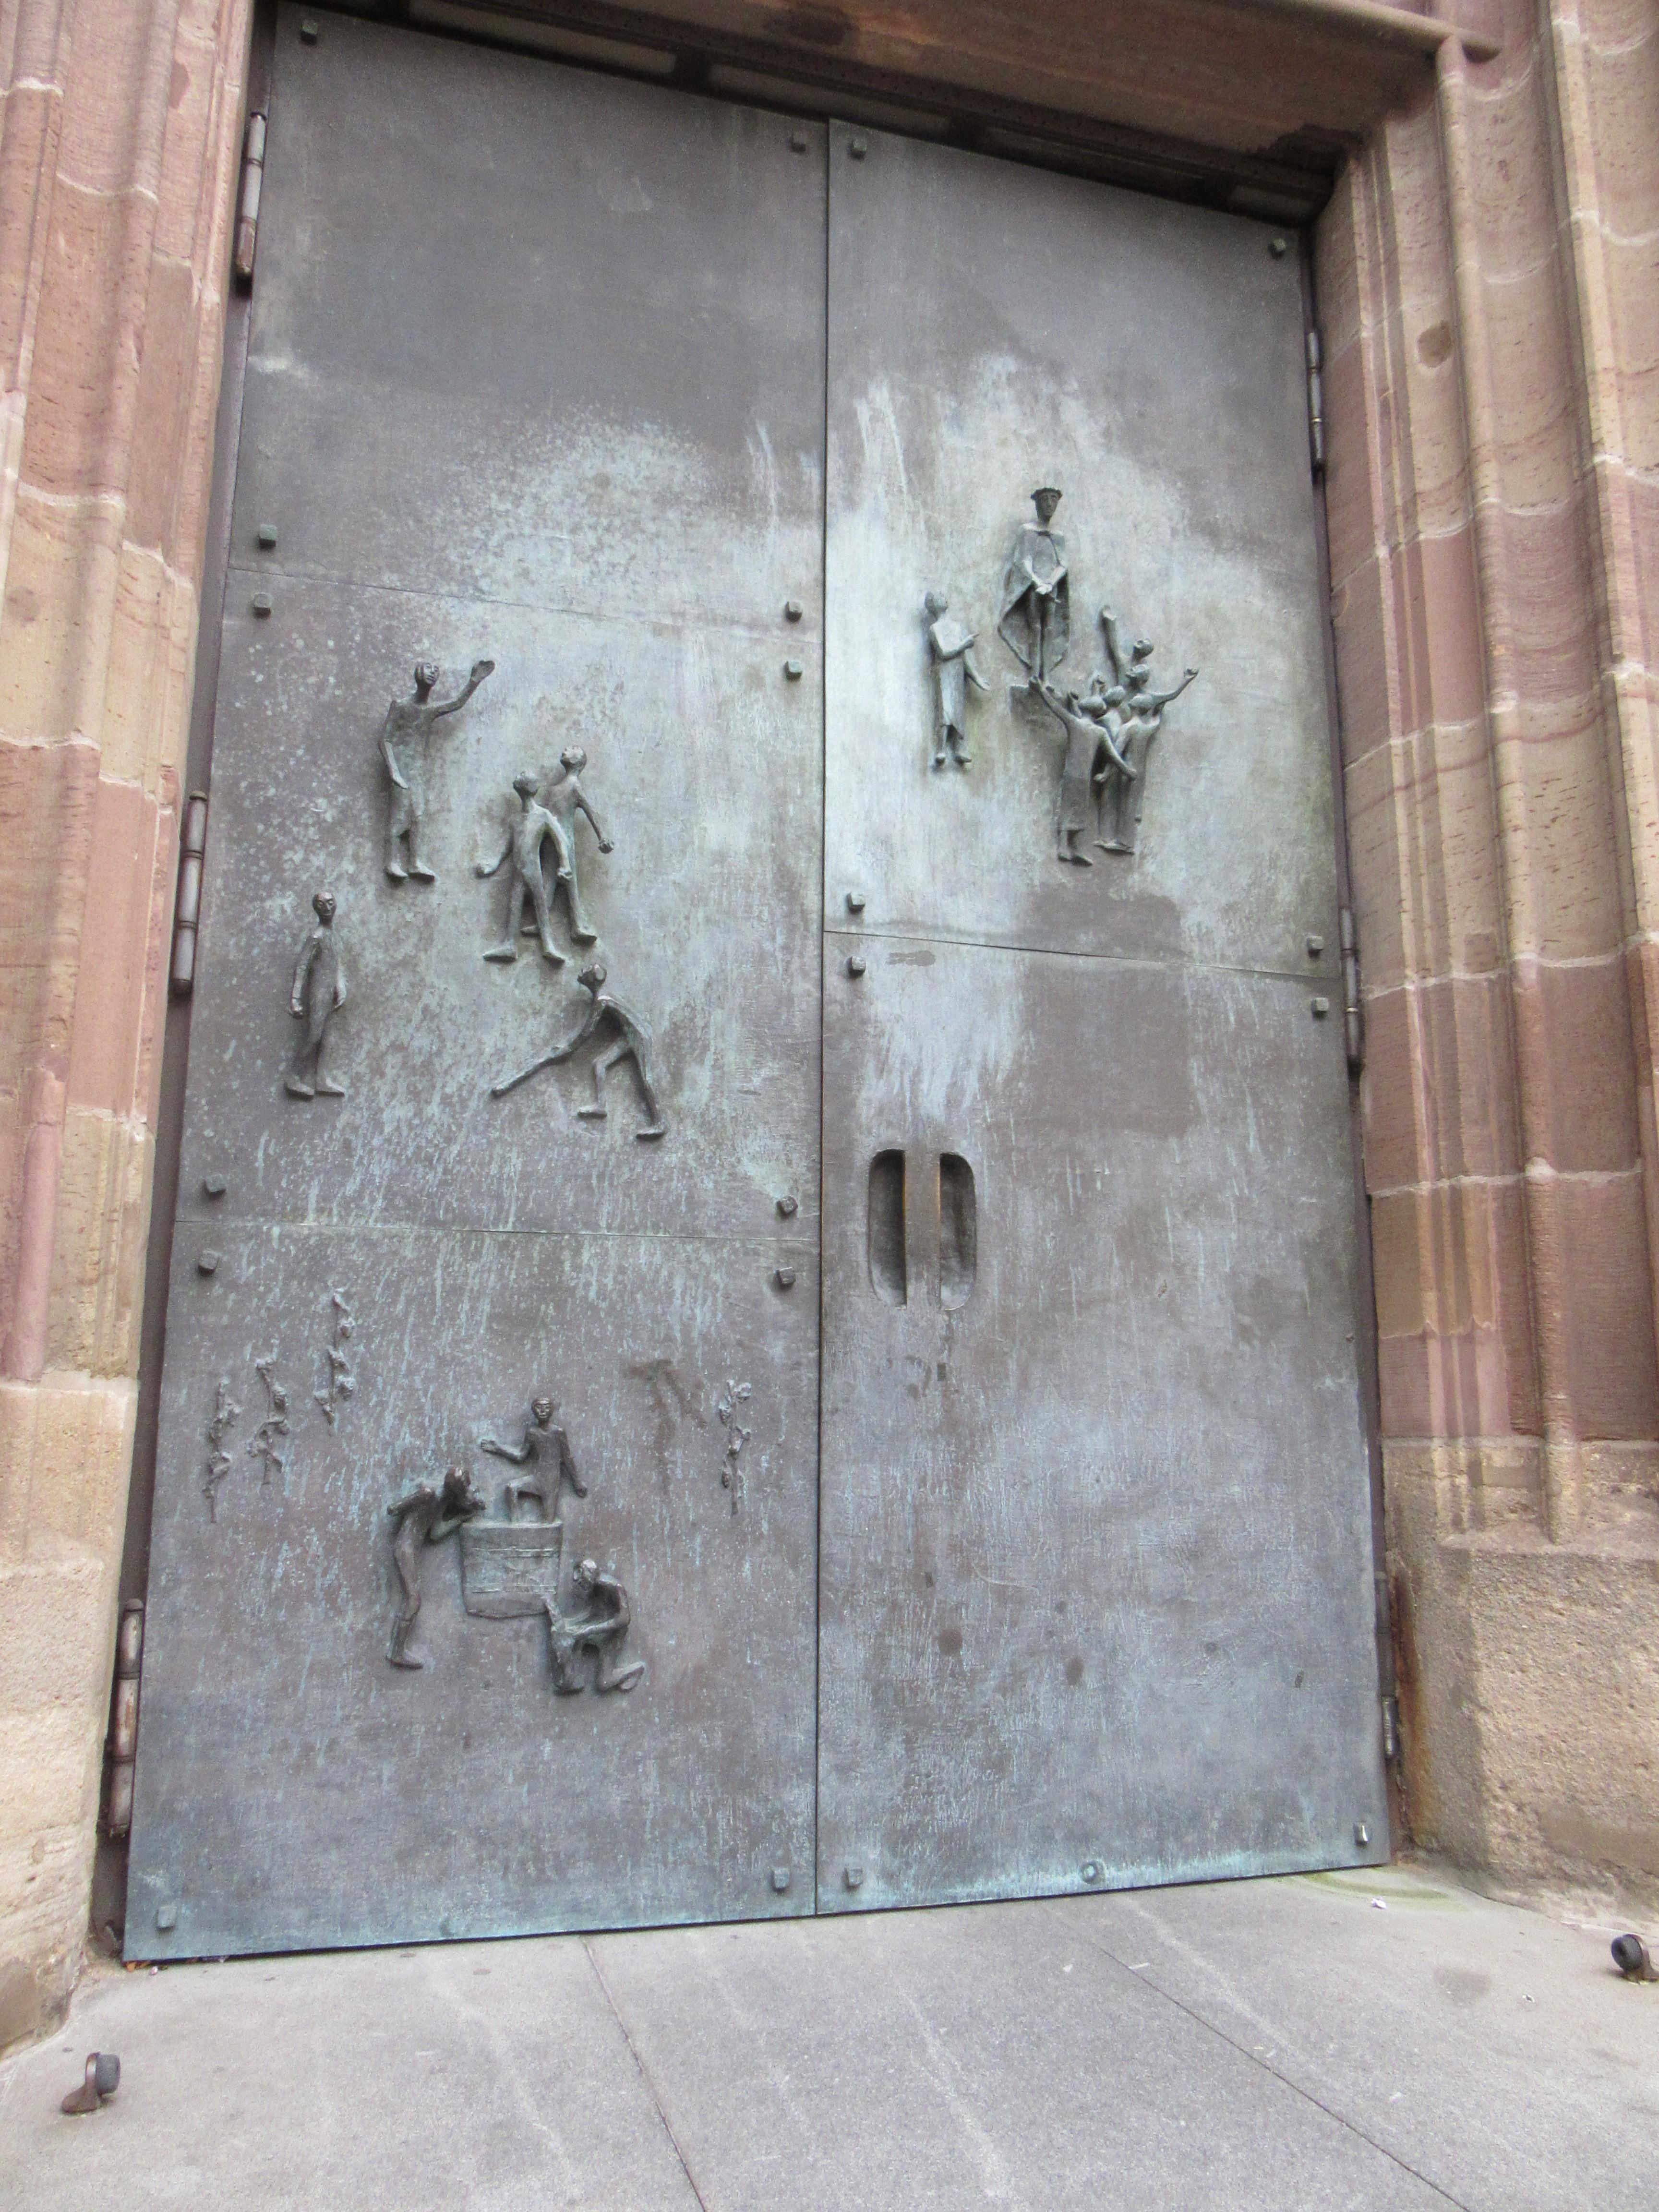 The door to the Stadtkirche in Bad-Cannstatt, Stuttgart.